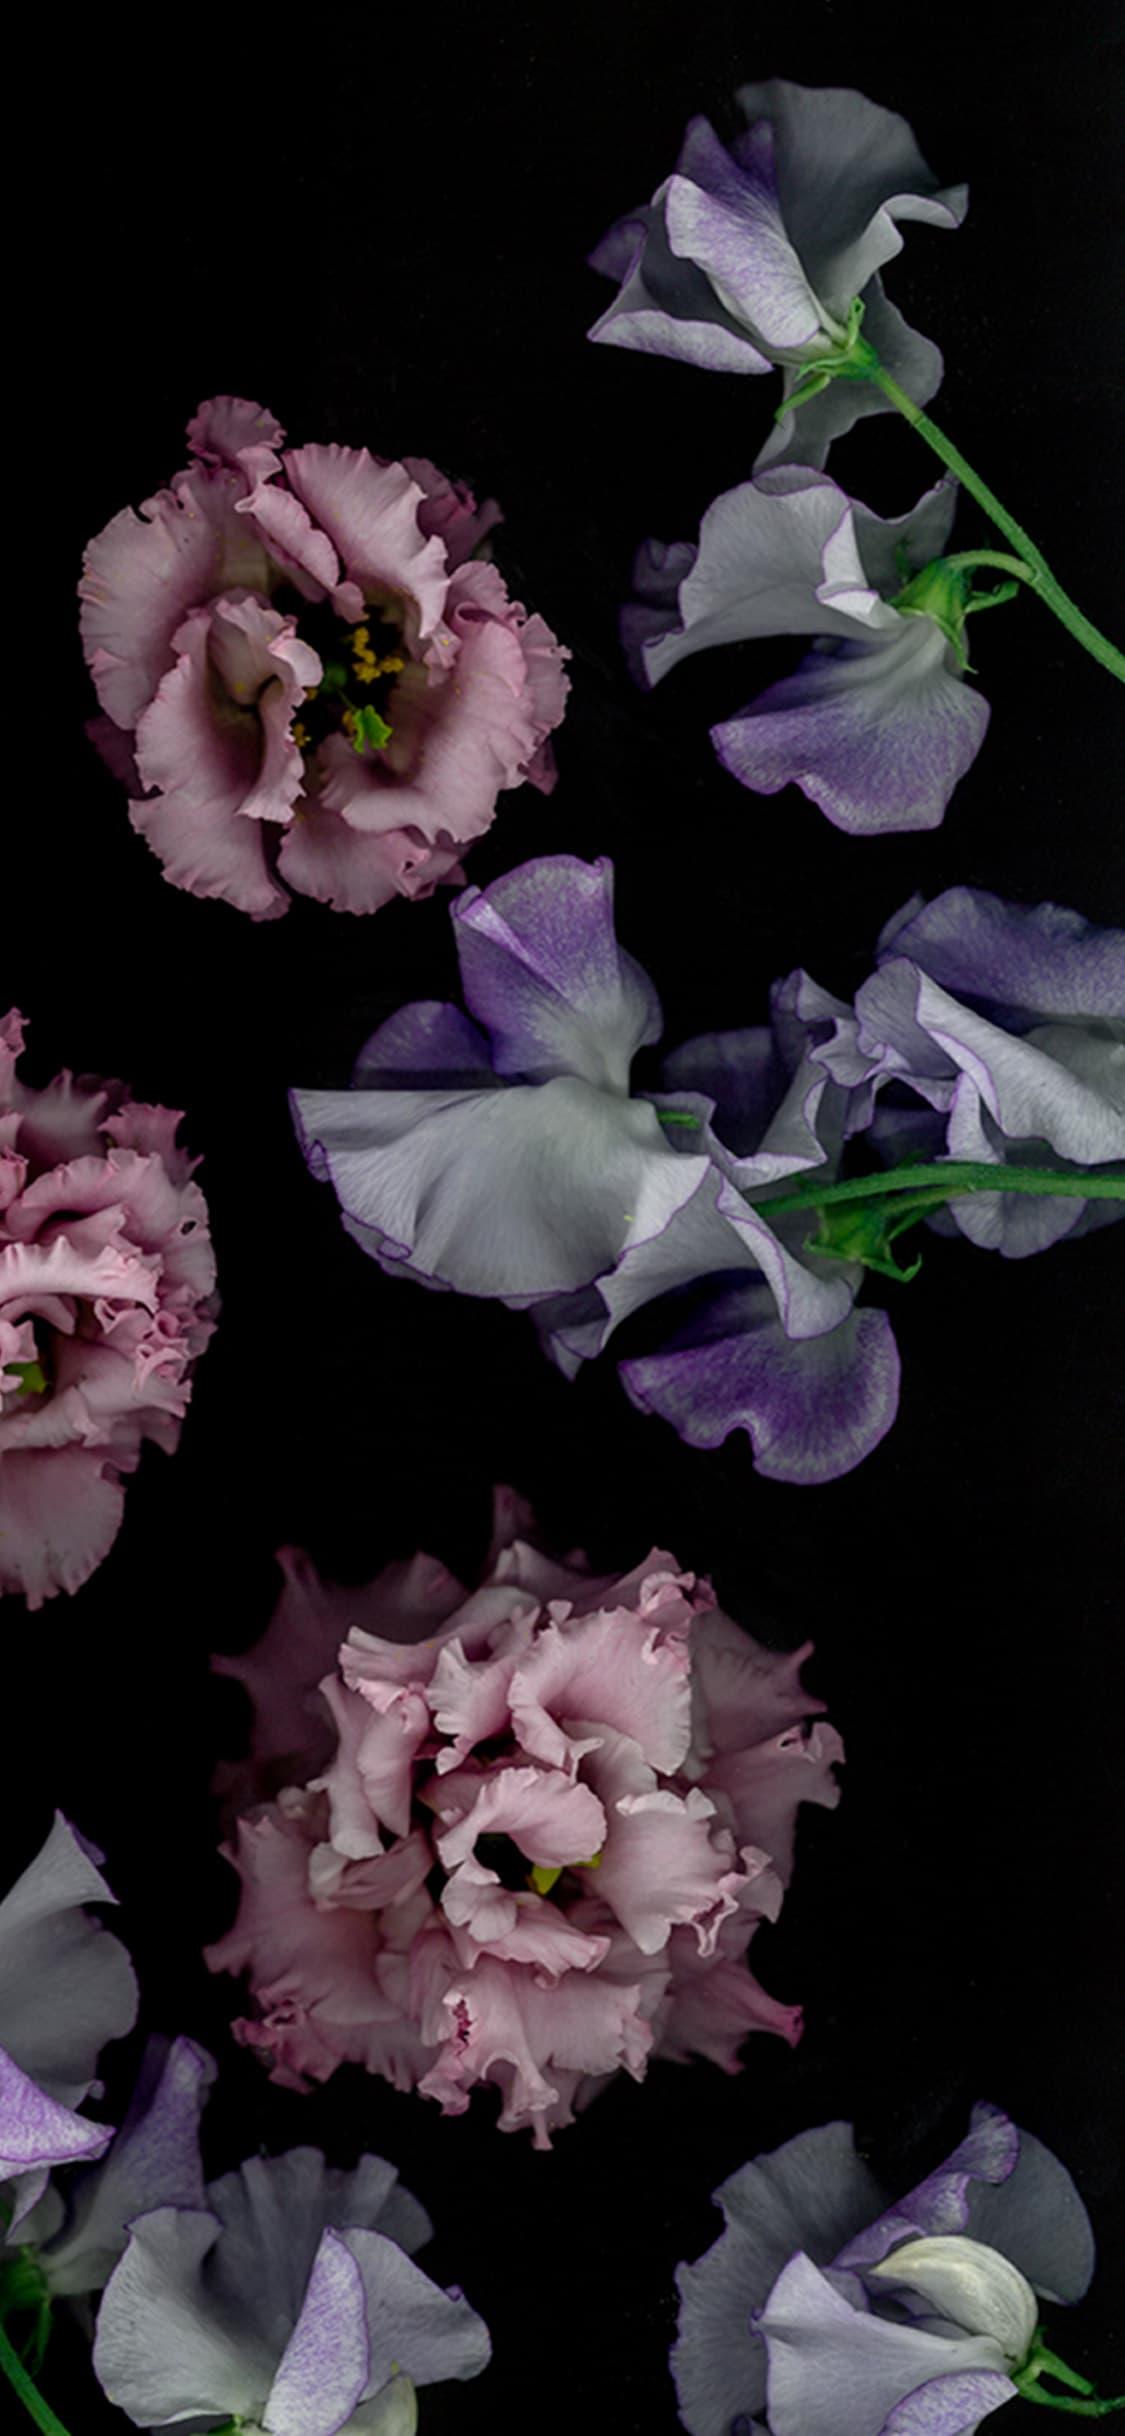 Wallpapers Ici Vous Apprenez Tout Des Fleurs